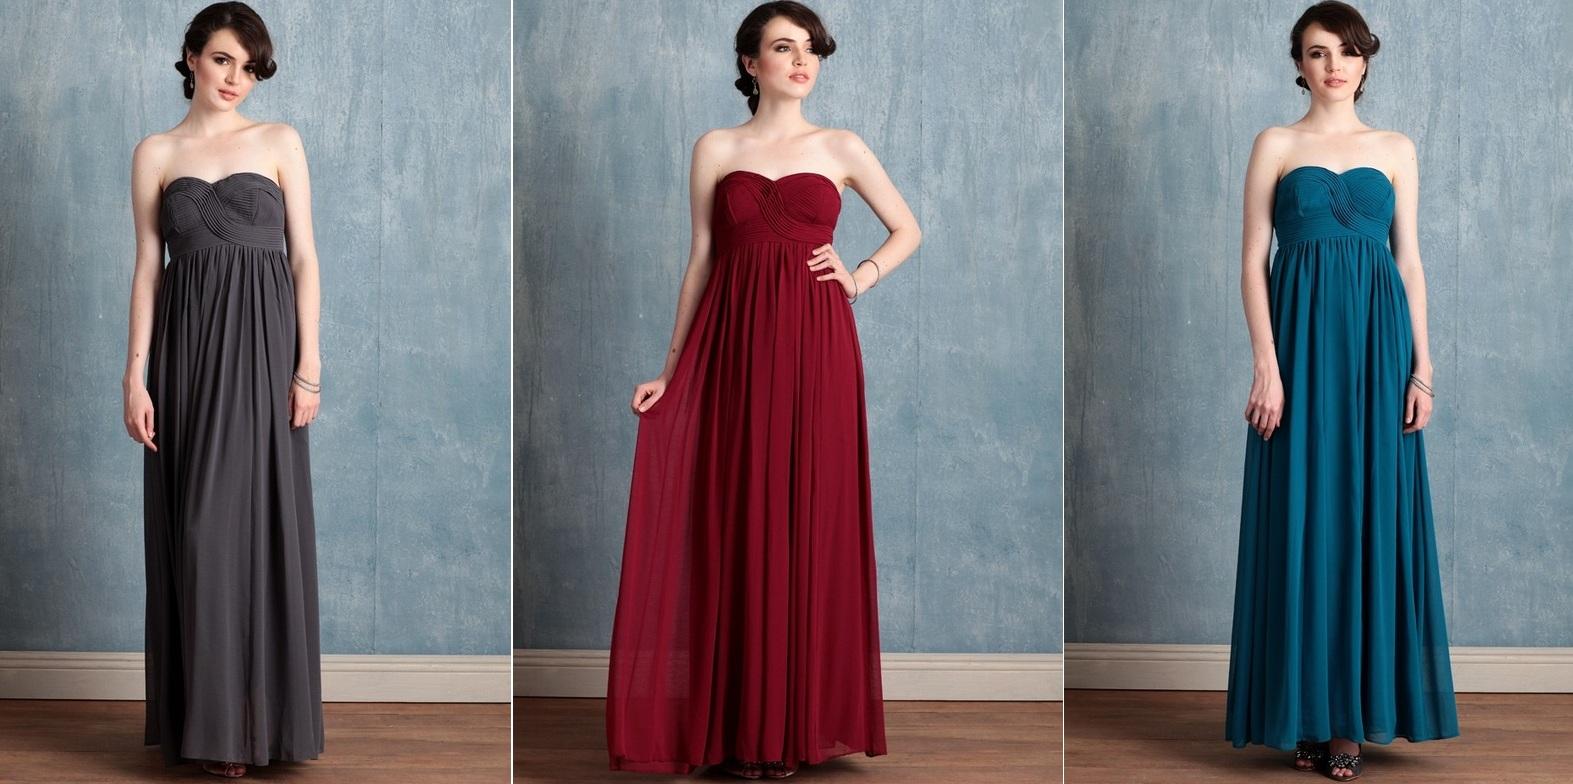 Mismatched Autumn Bridesmaids Dresses from Shop Ruche